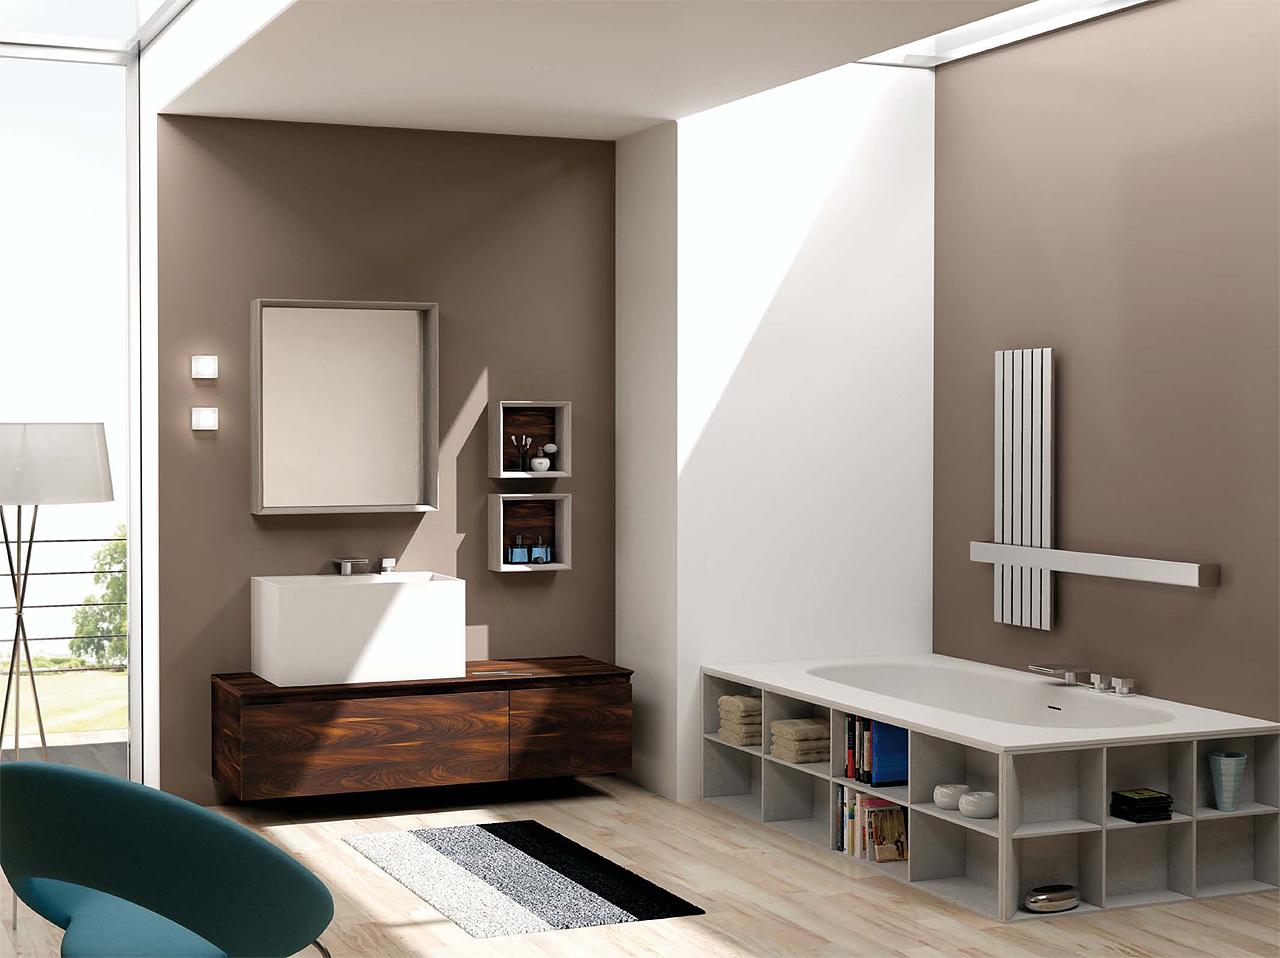 puntotre-mobili-arredobagno-serie-time-composizione-03-sintesibagno-01